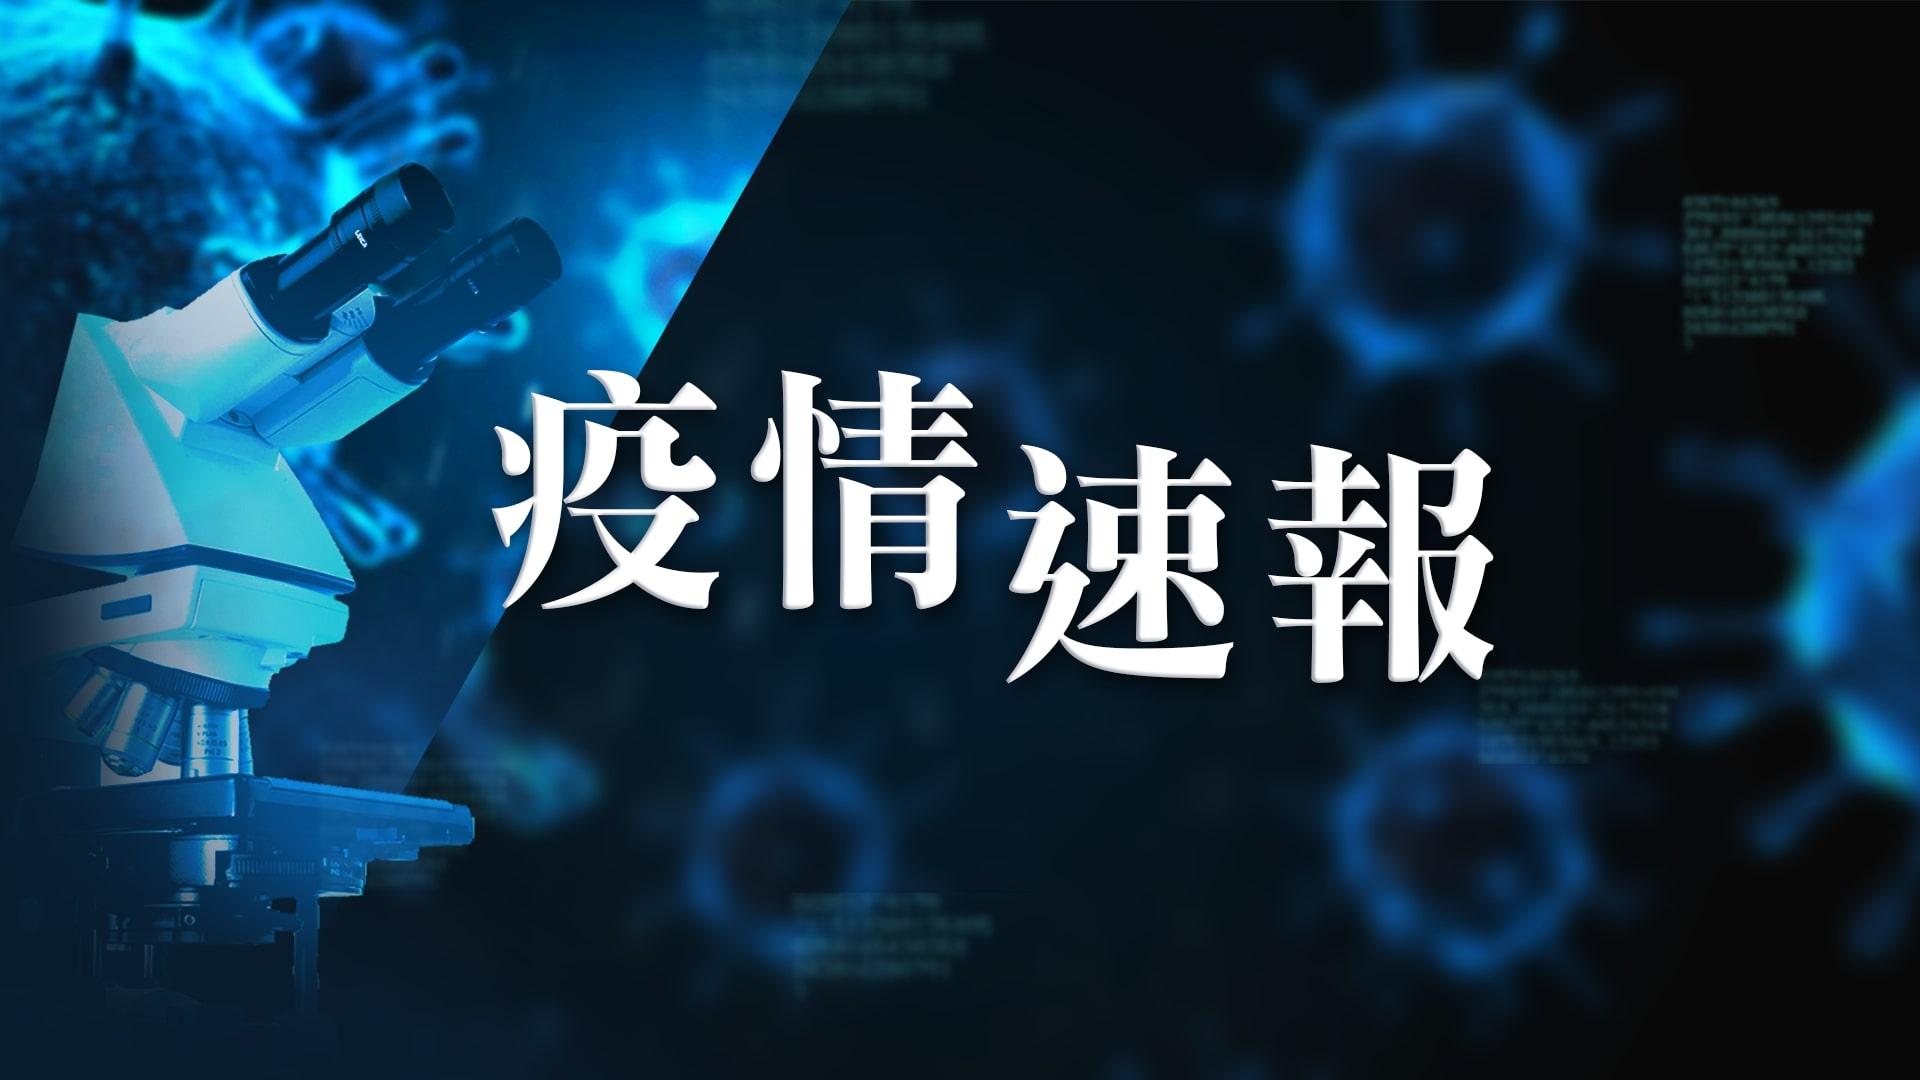 【10月31日疫情速報】(11:15)